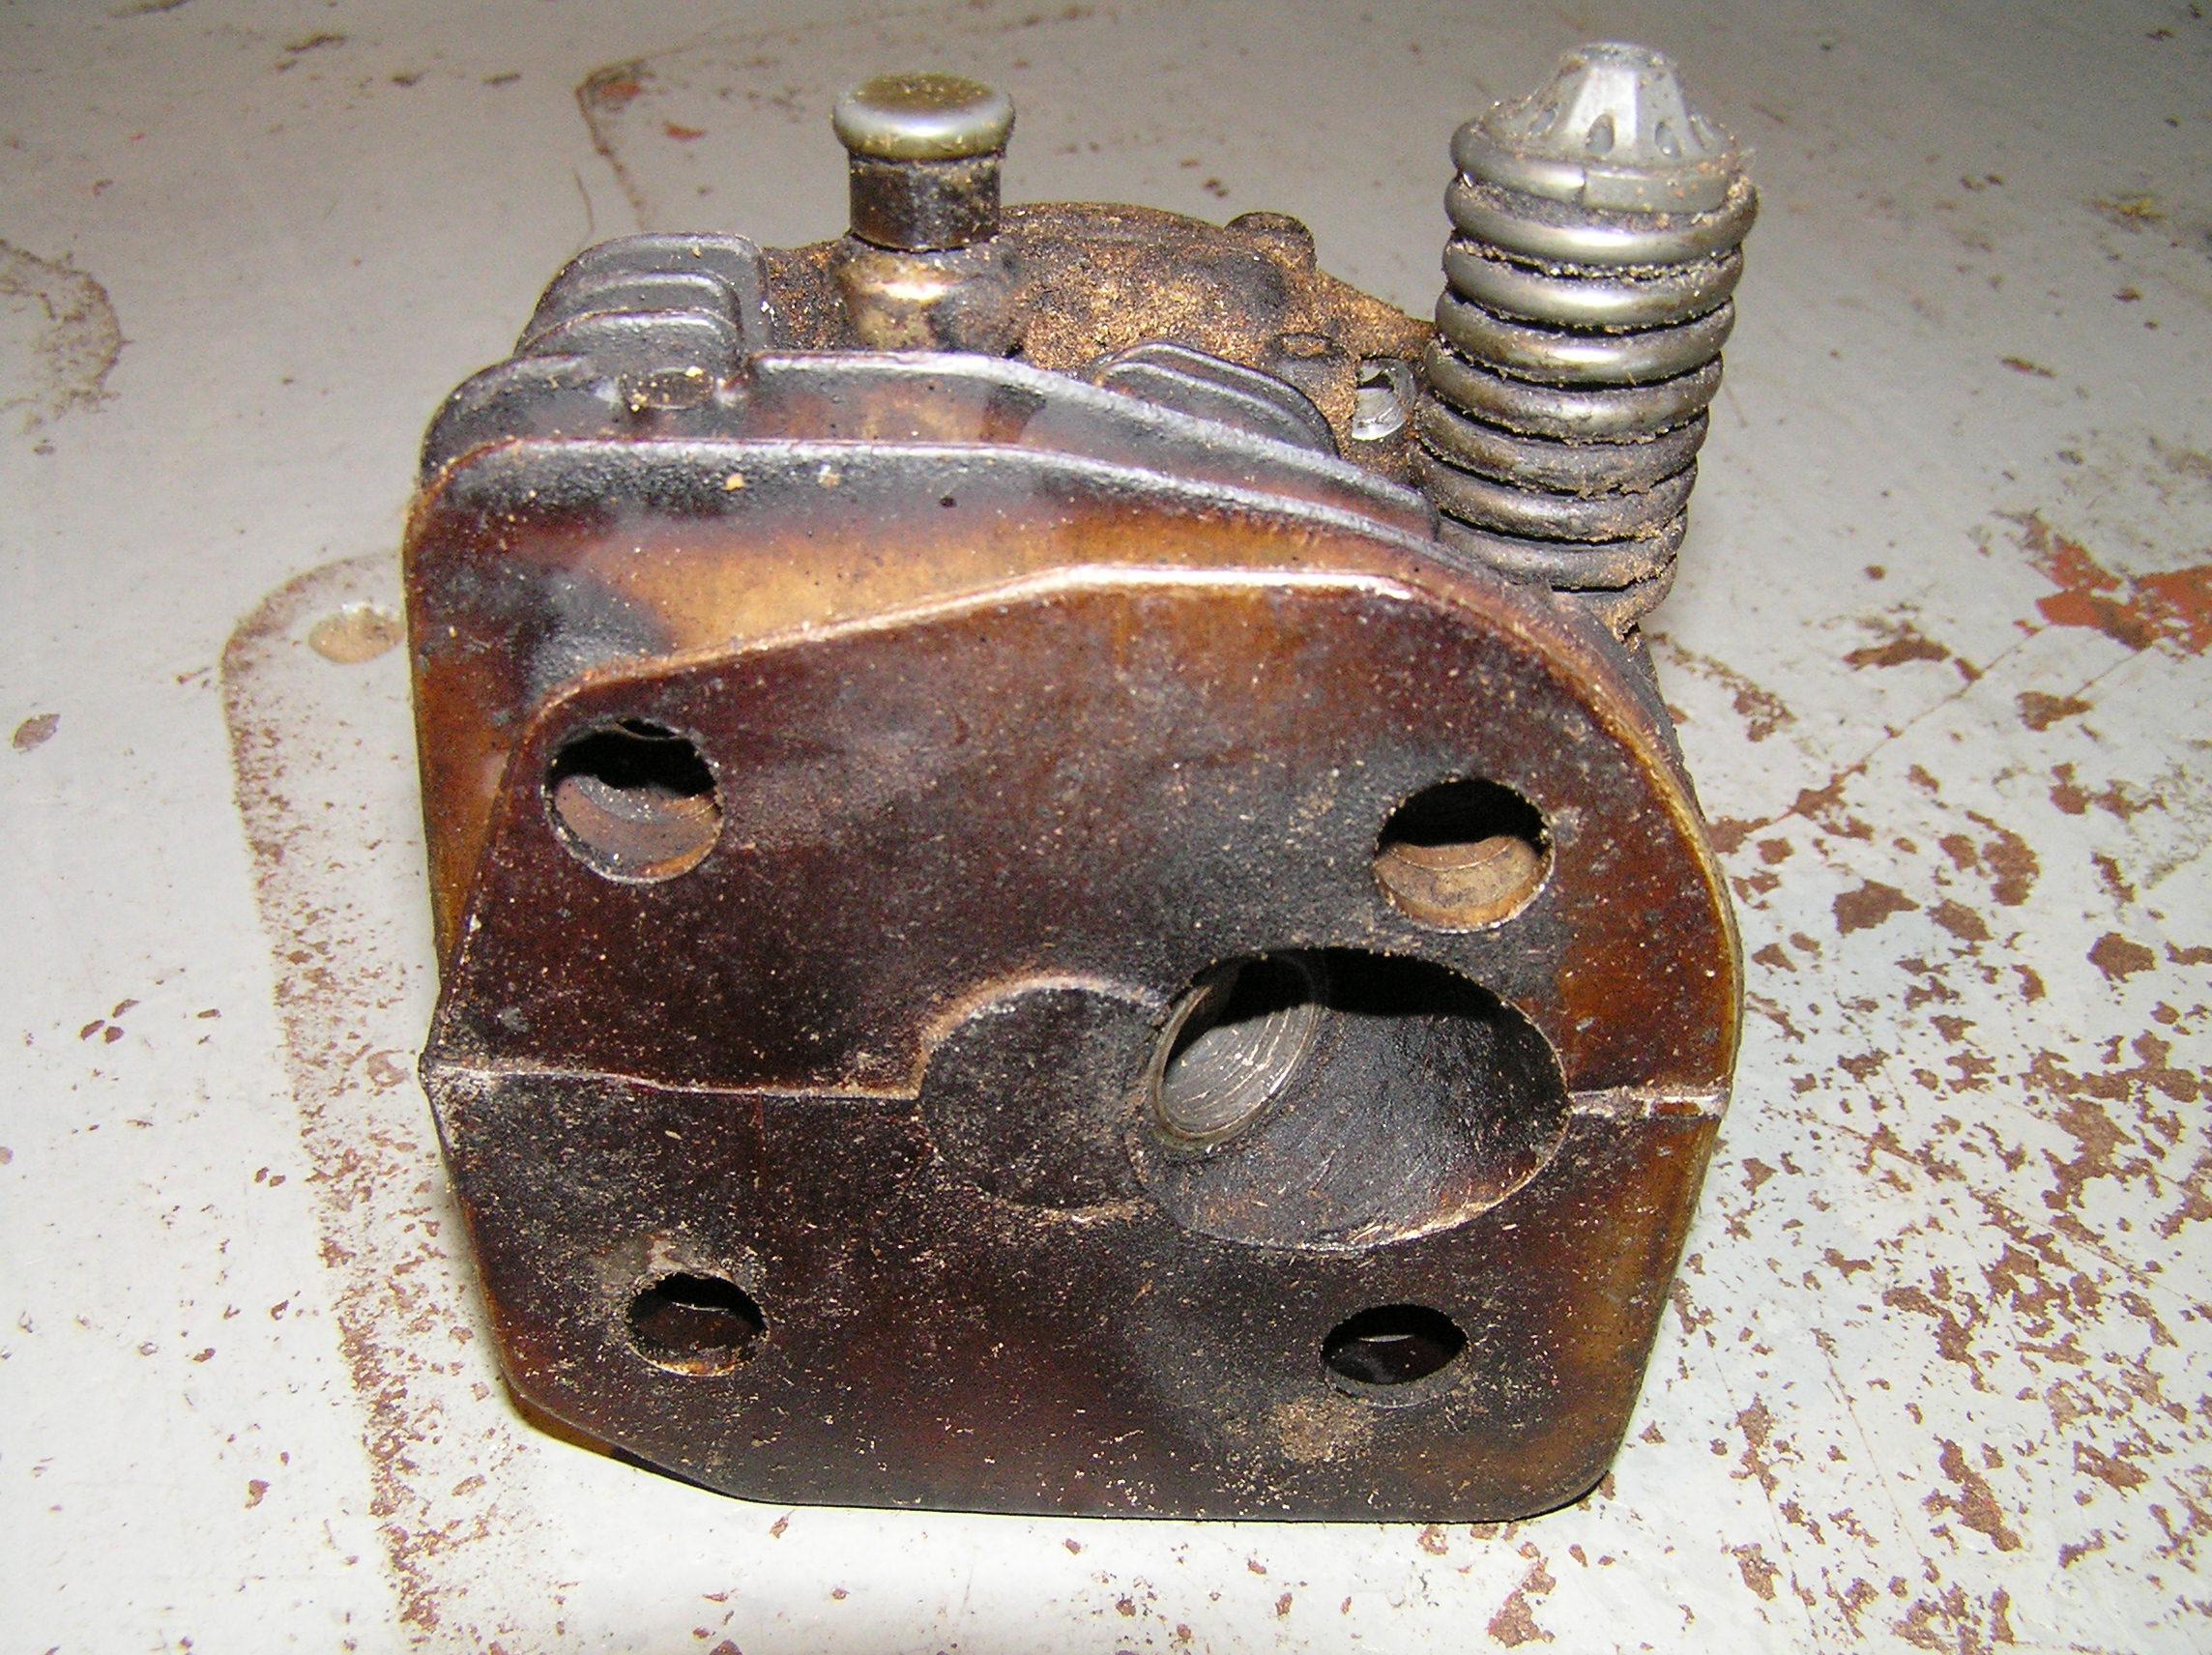 czyszczenie elementow pilarek spalinowych 10 - Photo Gallery